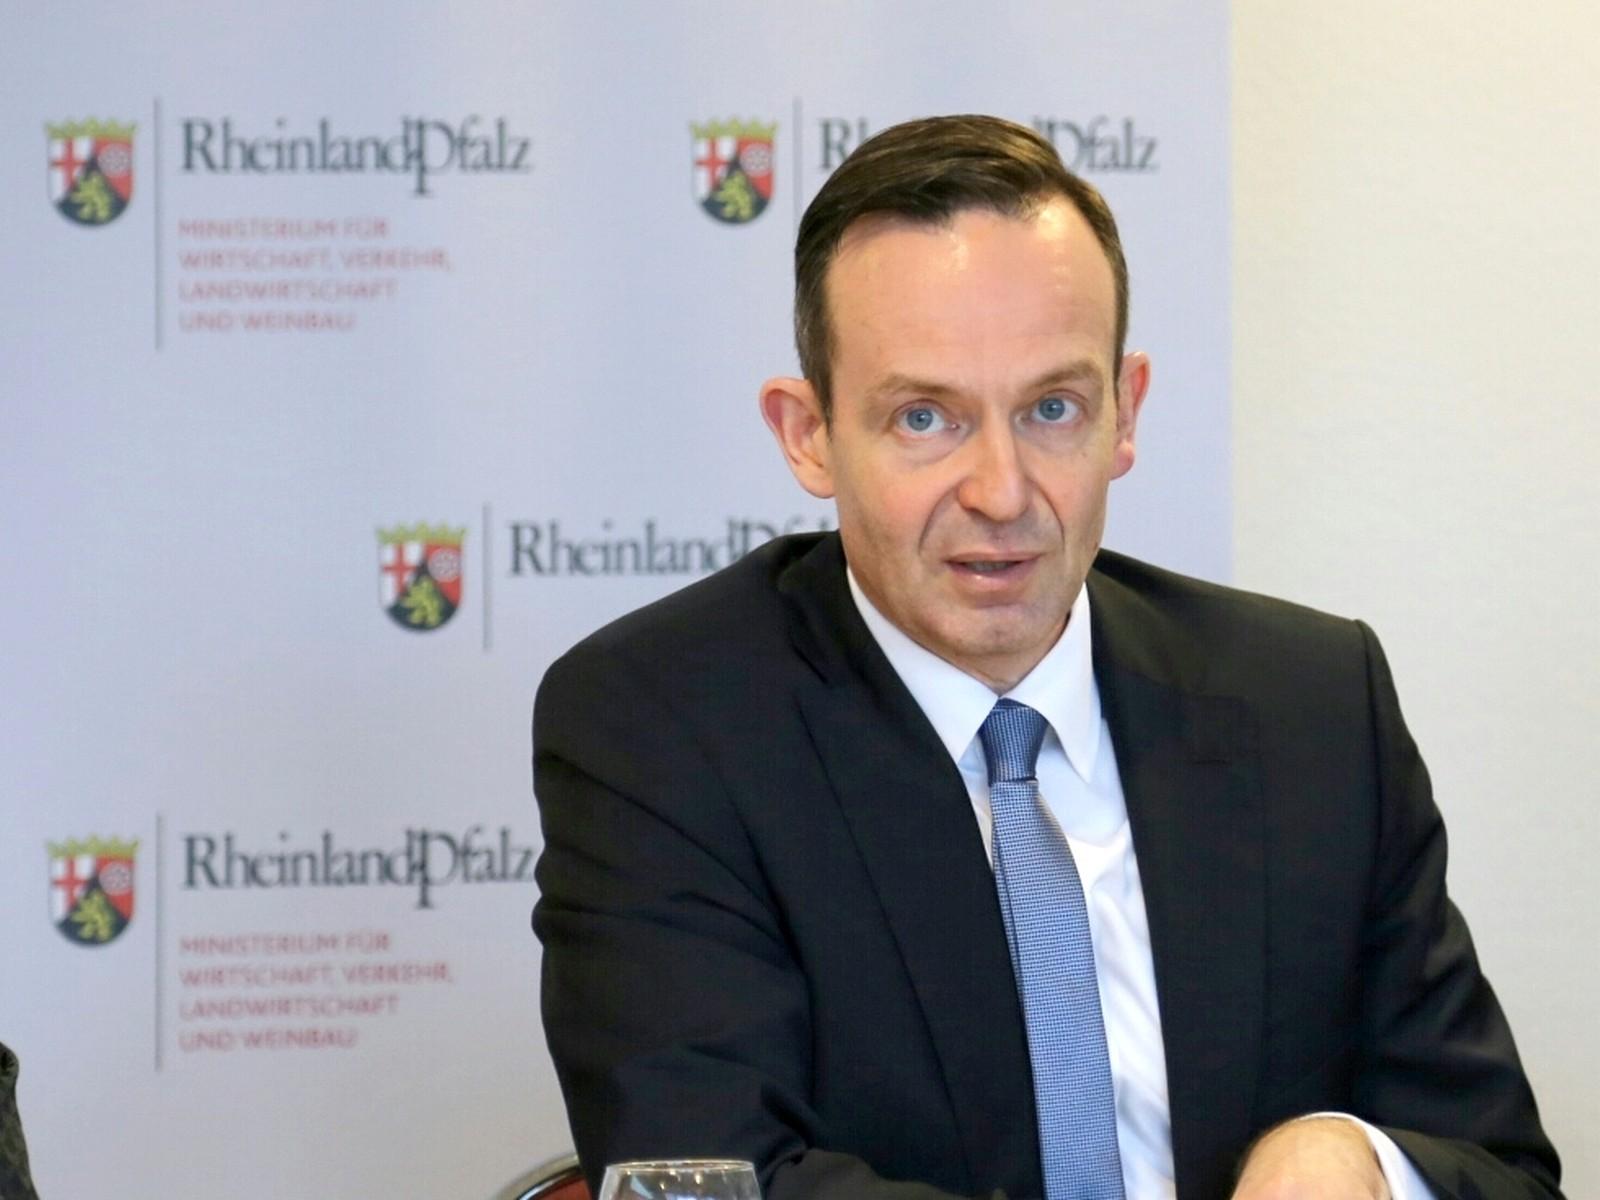 Der rheinland-pfälzische Verkehrsminister Volker Wissing möchte die Anreize in den Kommunen erhöhen, die notwendigen Bauprojekte anzugehen